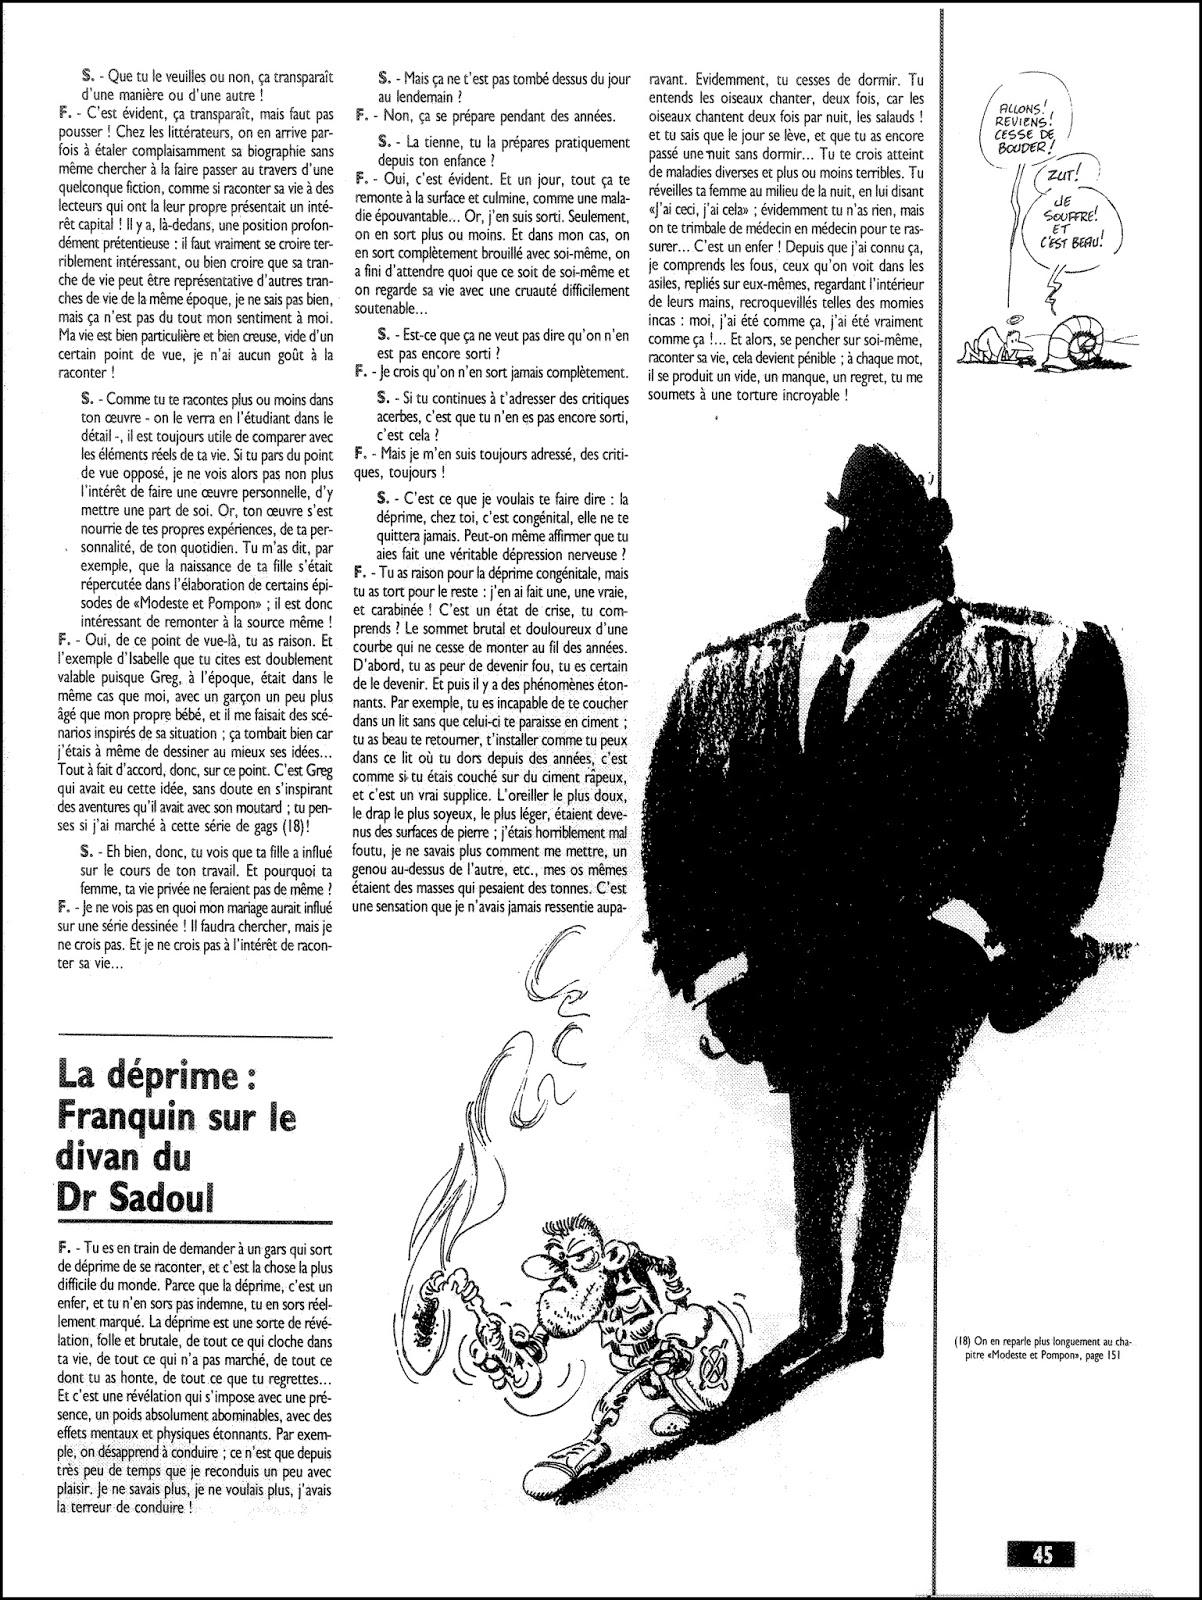 Et+Franquin+crea+la+gaffe_045.jpg